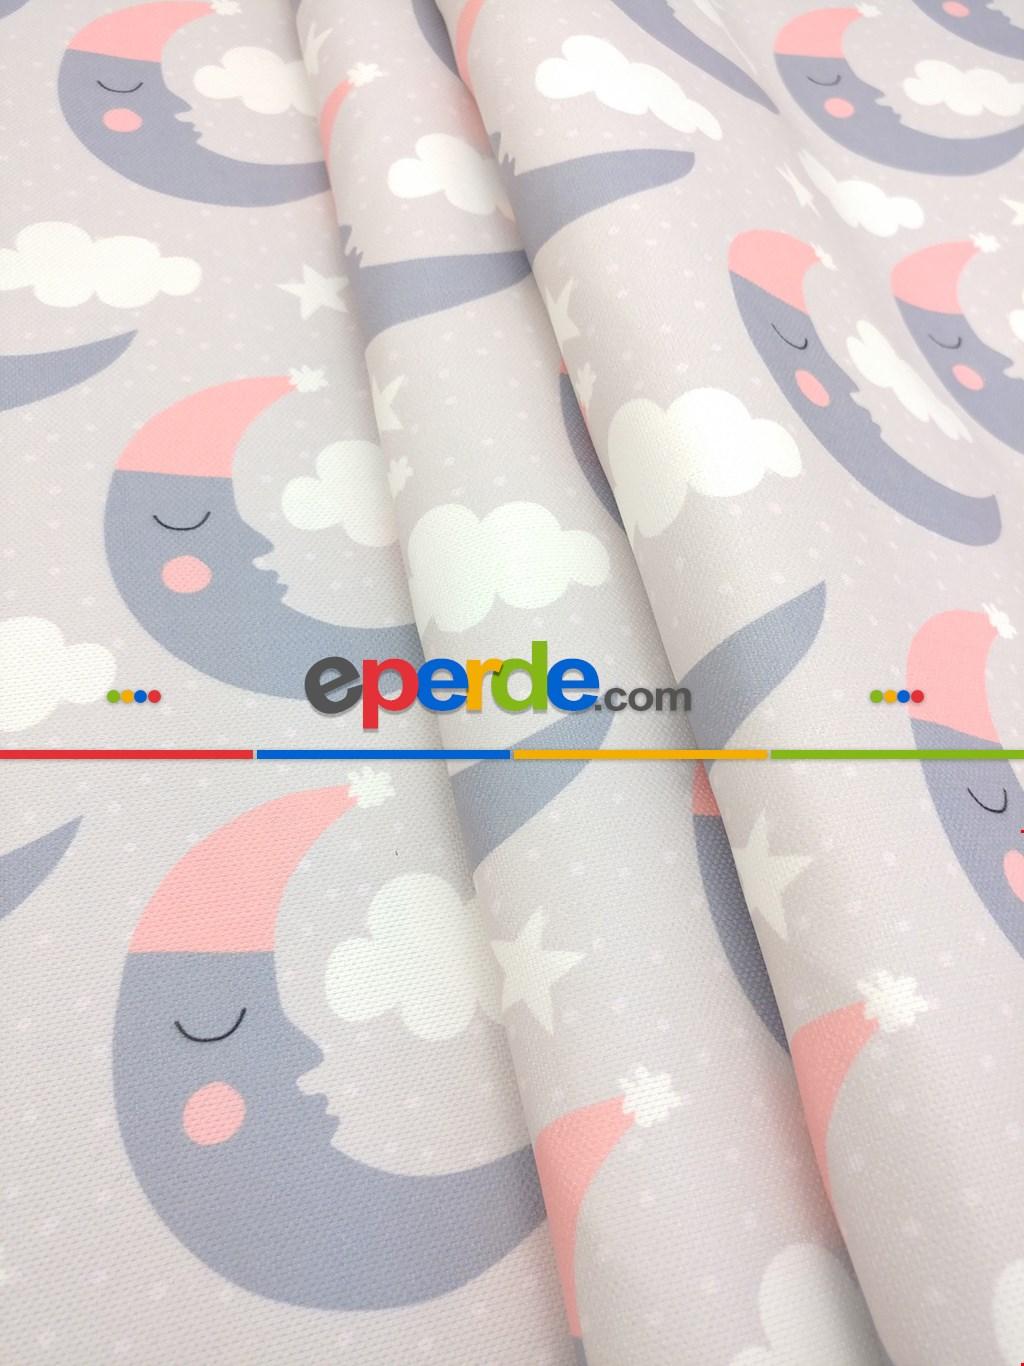 Bulut Desenli Bebek Odası Fon Perde Modelleri - Ay Dedeli- Füme-pembe-gri Açık